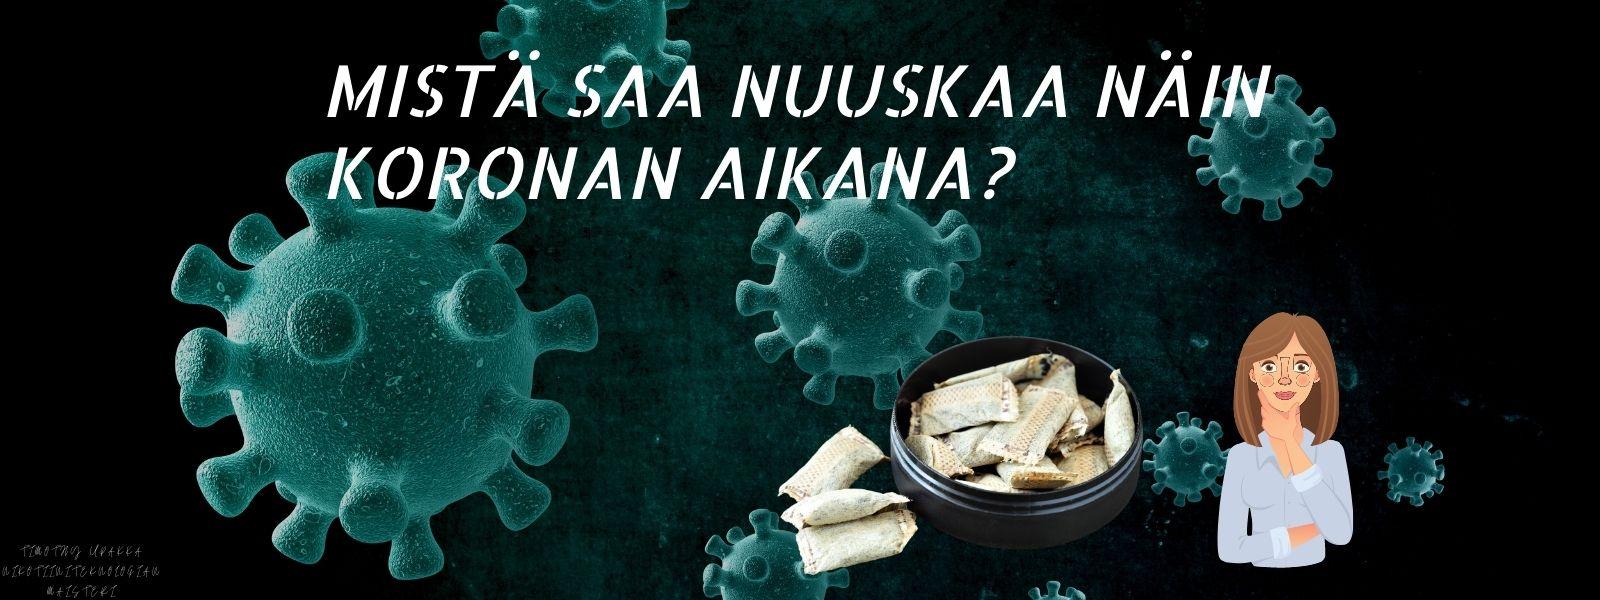 Mistä Nuuskaa